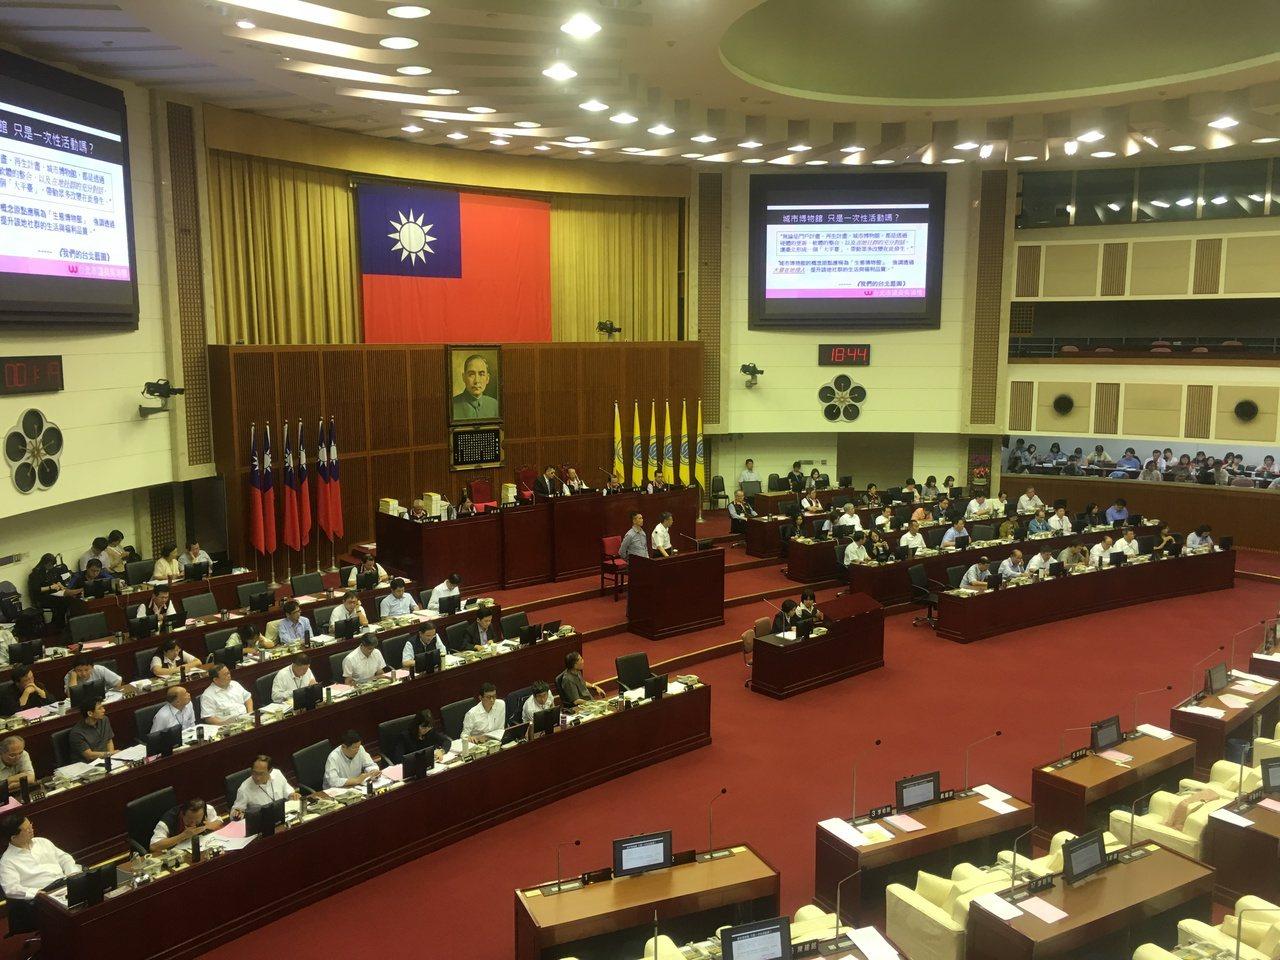 台北市長柯文哲今天下午到議會進行報告、備詢。記者張世杰/攝影